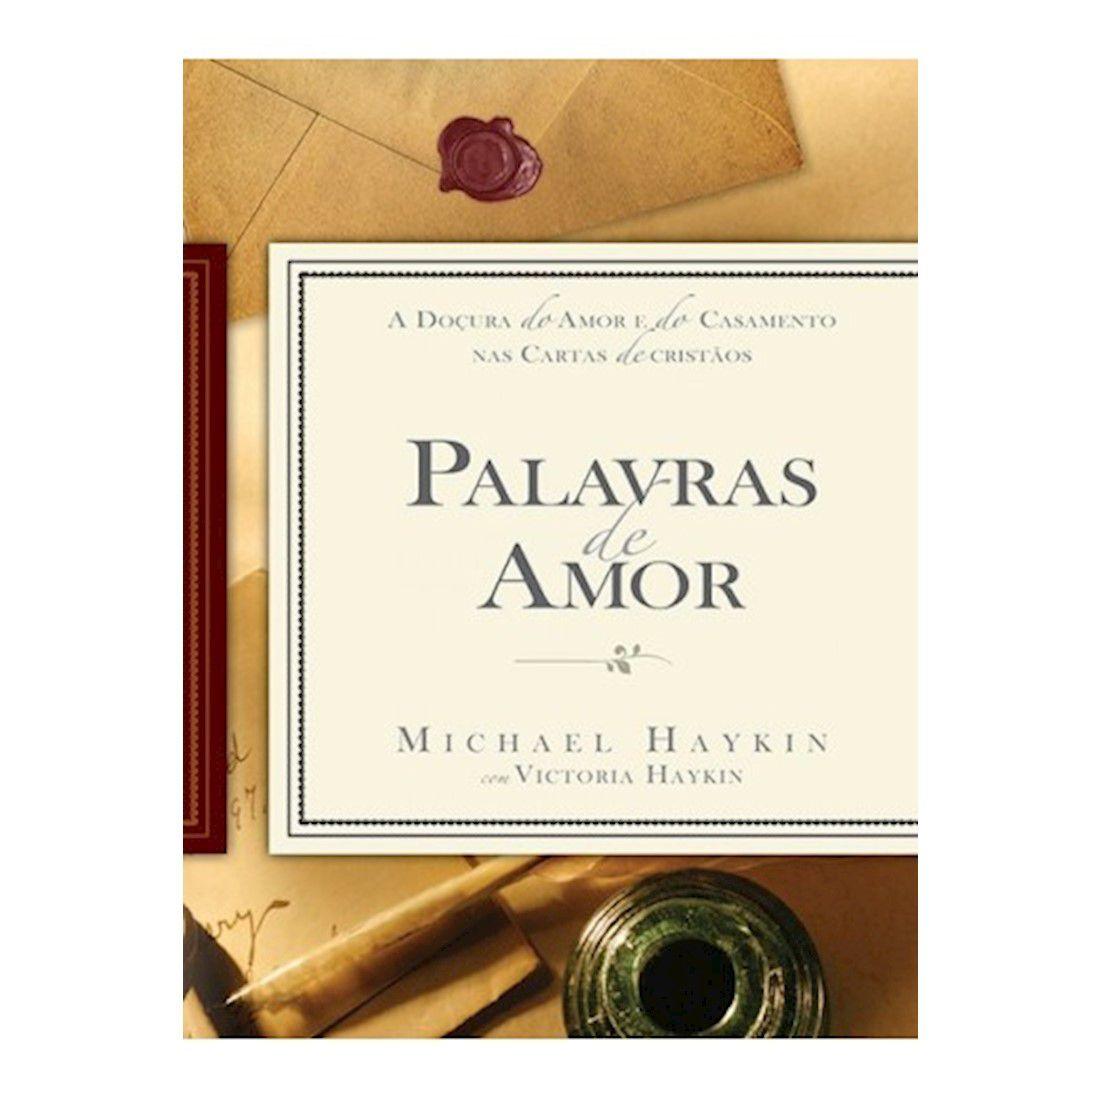 Livro Palavras de Amor